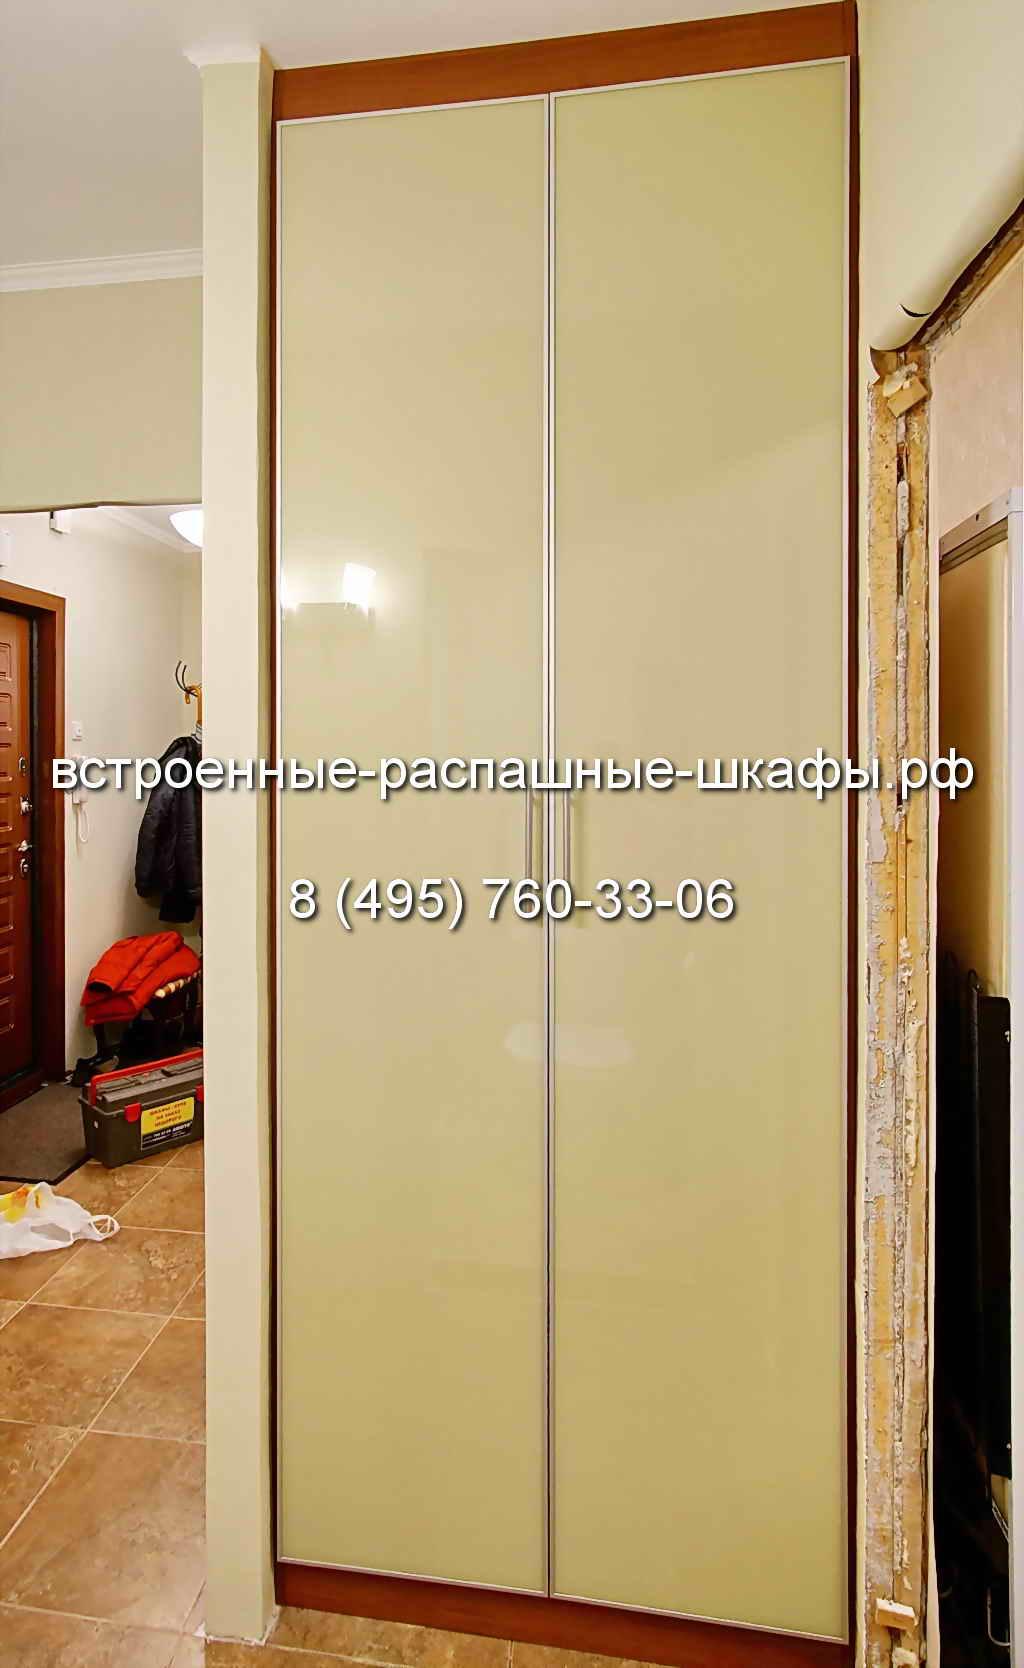 Двери-распашные-в-нишу-07 - встроенные-распашные-шкафы.рф.